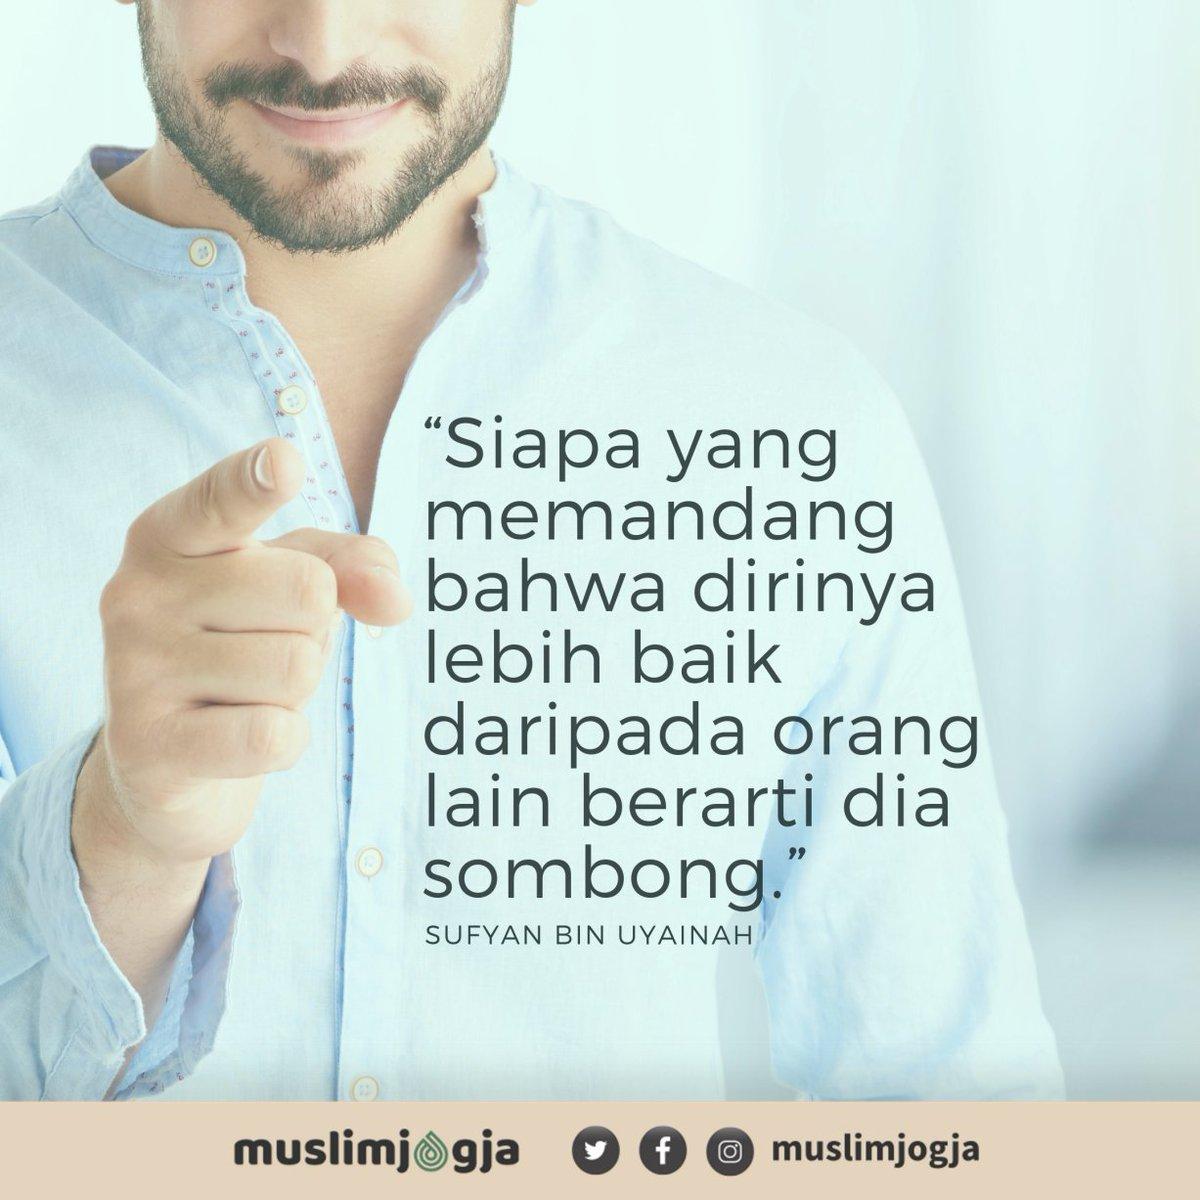 """💡 """"Siapa yang memandang bahwa dirinya lebih baik daripada orang lain berarti dia sombong"""" ➖➖➖➖➖➖➖➖ 📔 Sufyan Bin Uyainah https://t.co/uquBB35hAy"""